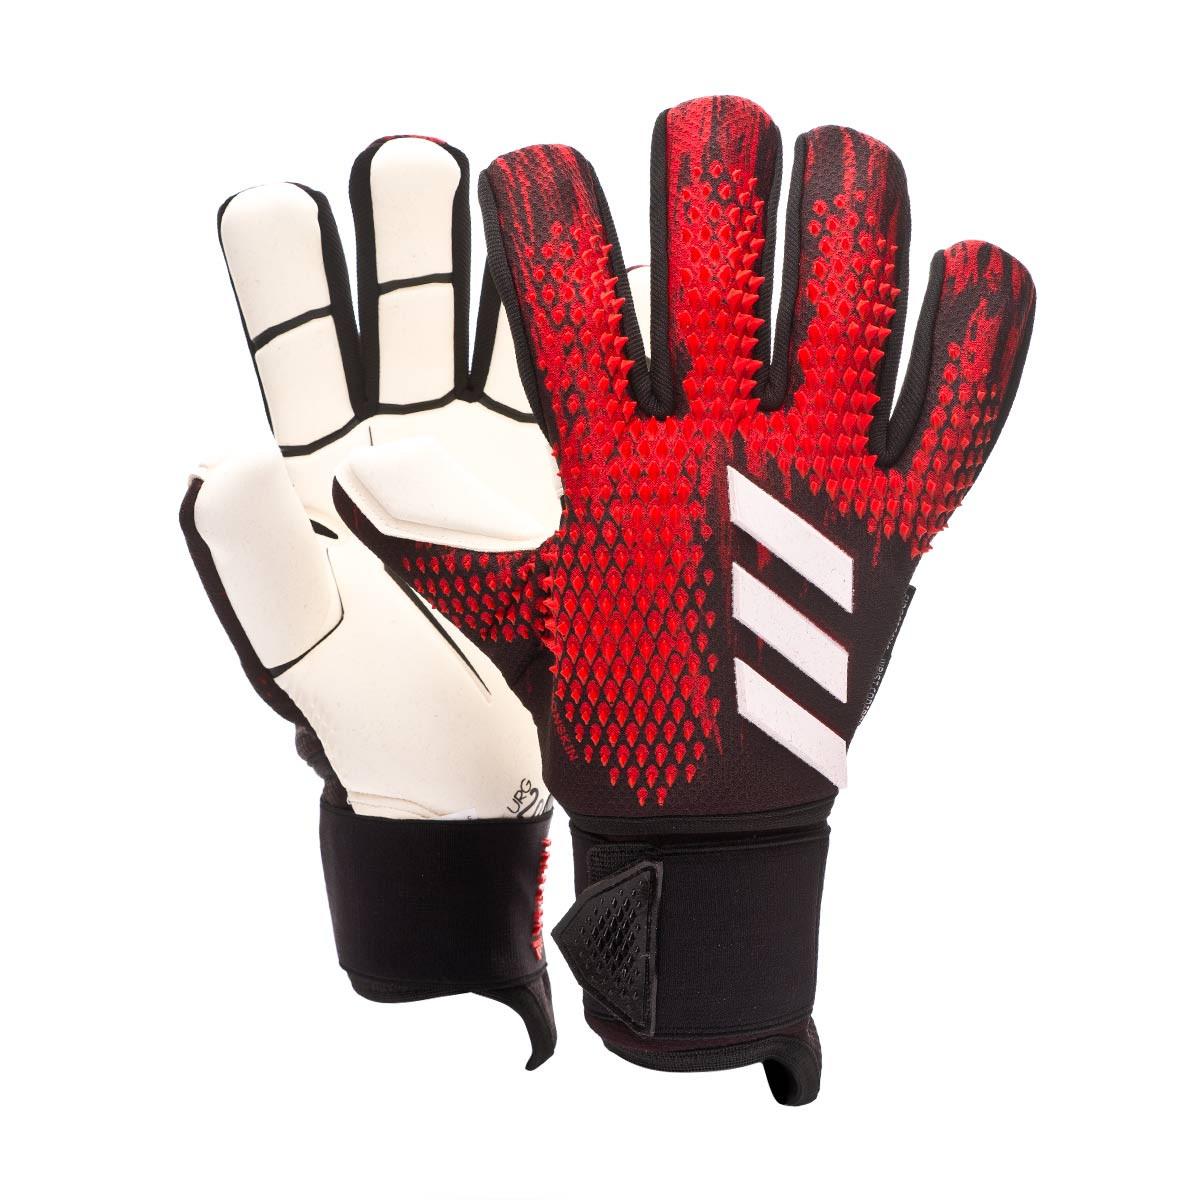 Estadísticas todos los días Crítico  Guante de portero adidas Predator Pro Ultimate Black-Active red - Tienda de  fútbol Fútbol Emotion